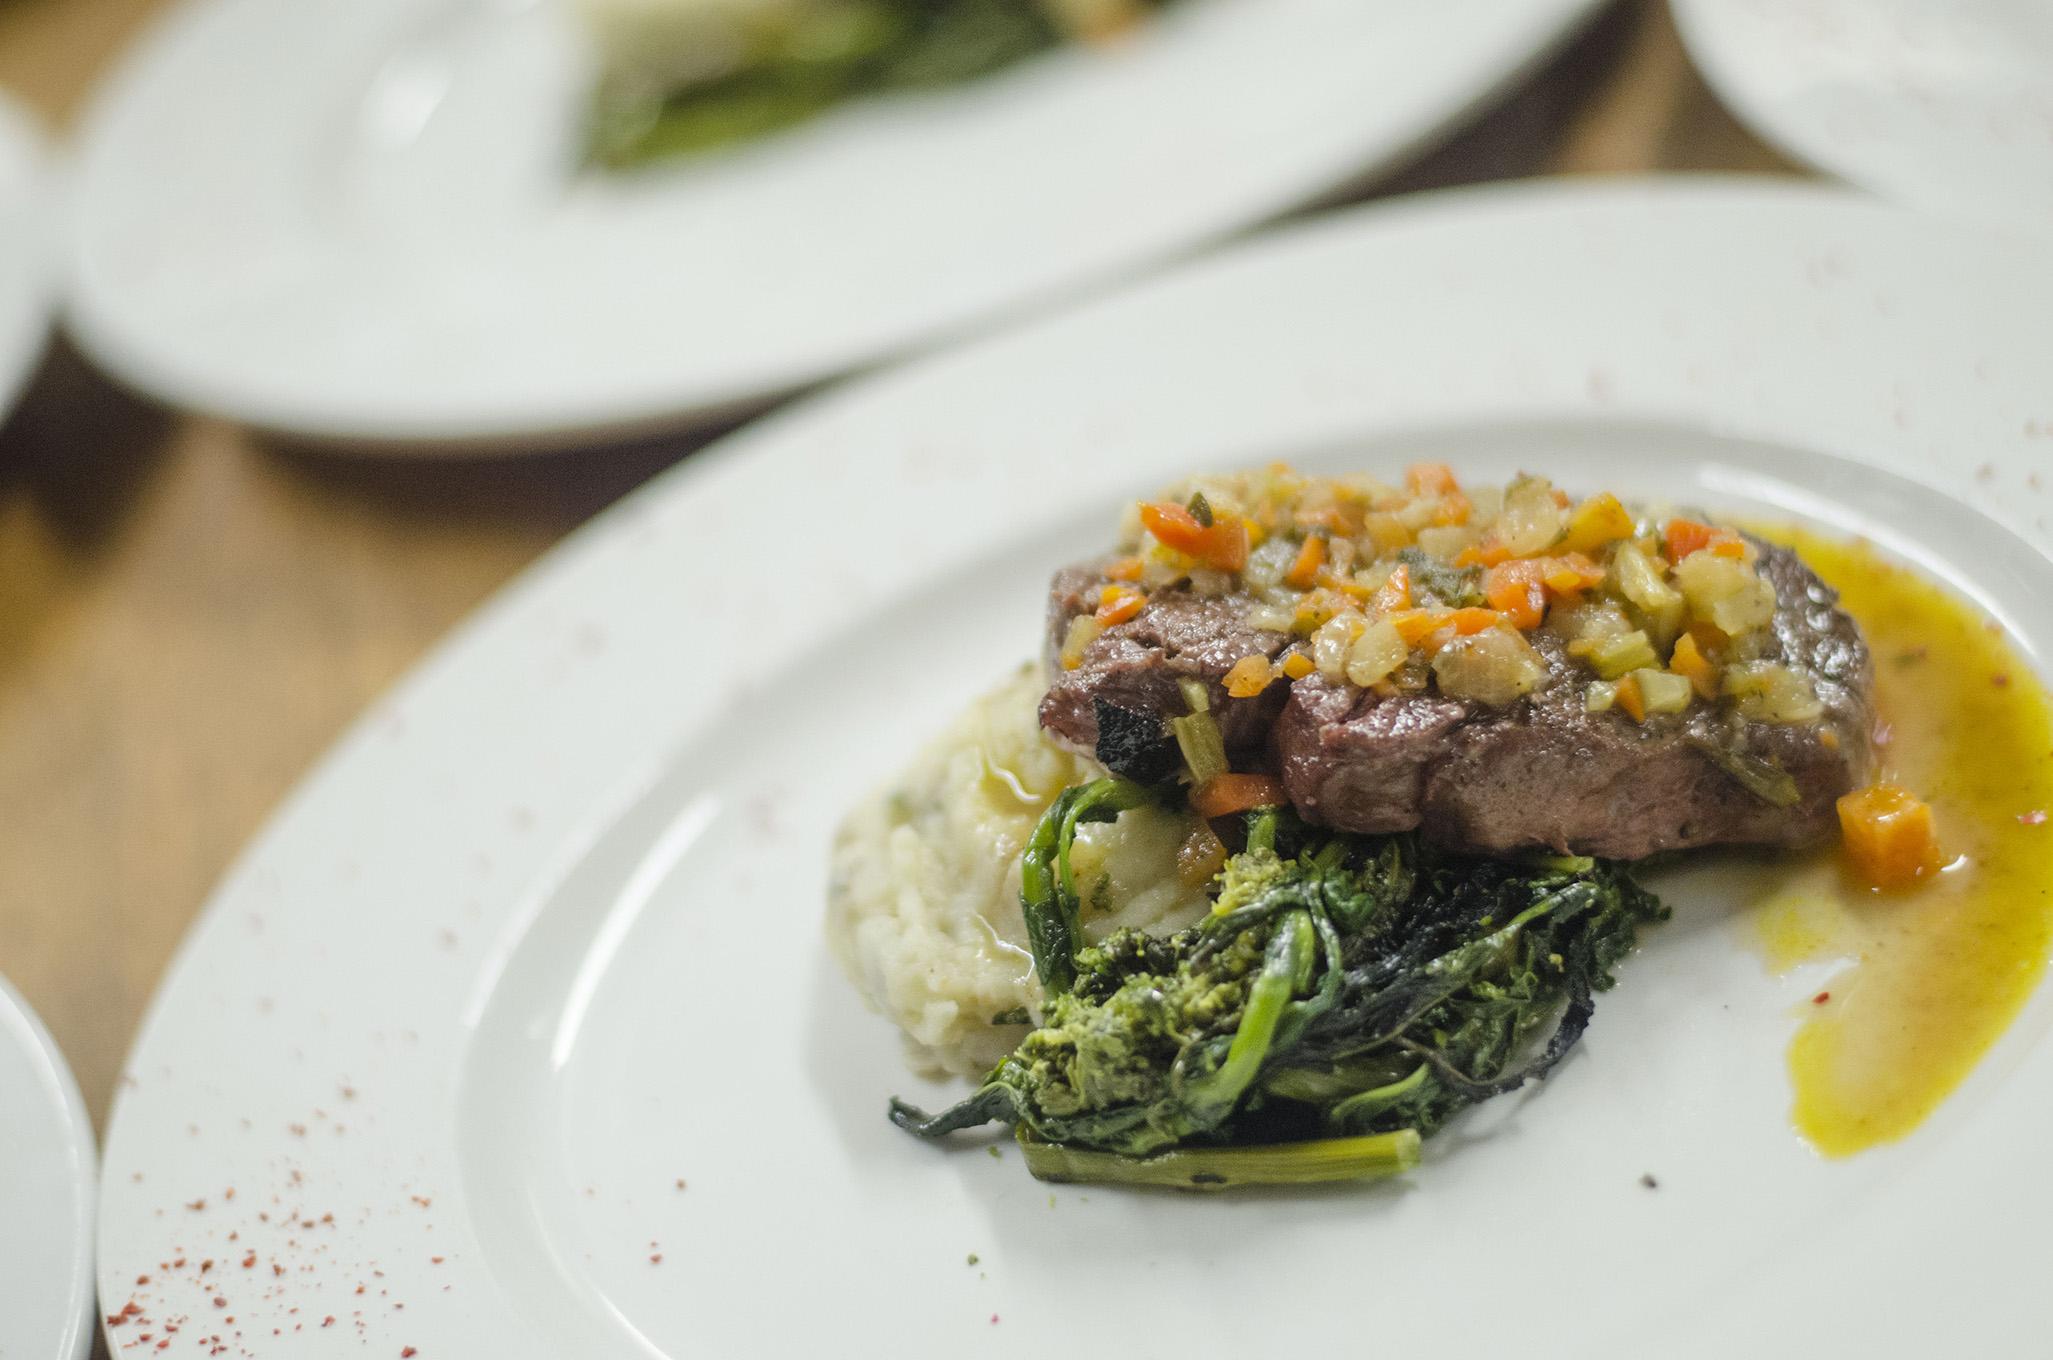 Beef tenderloin soffritto from David Rocco's cookbook, Dolce Famiglia.